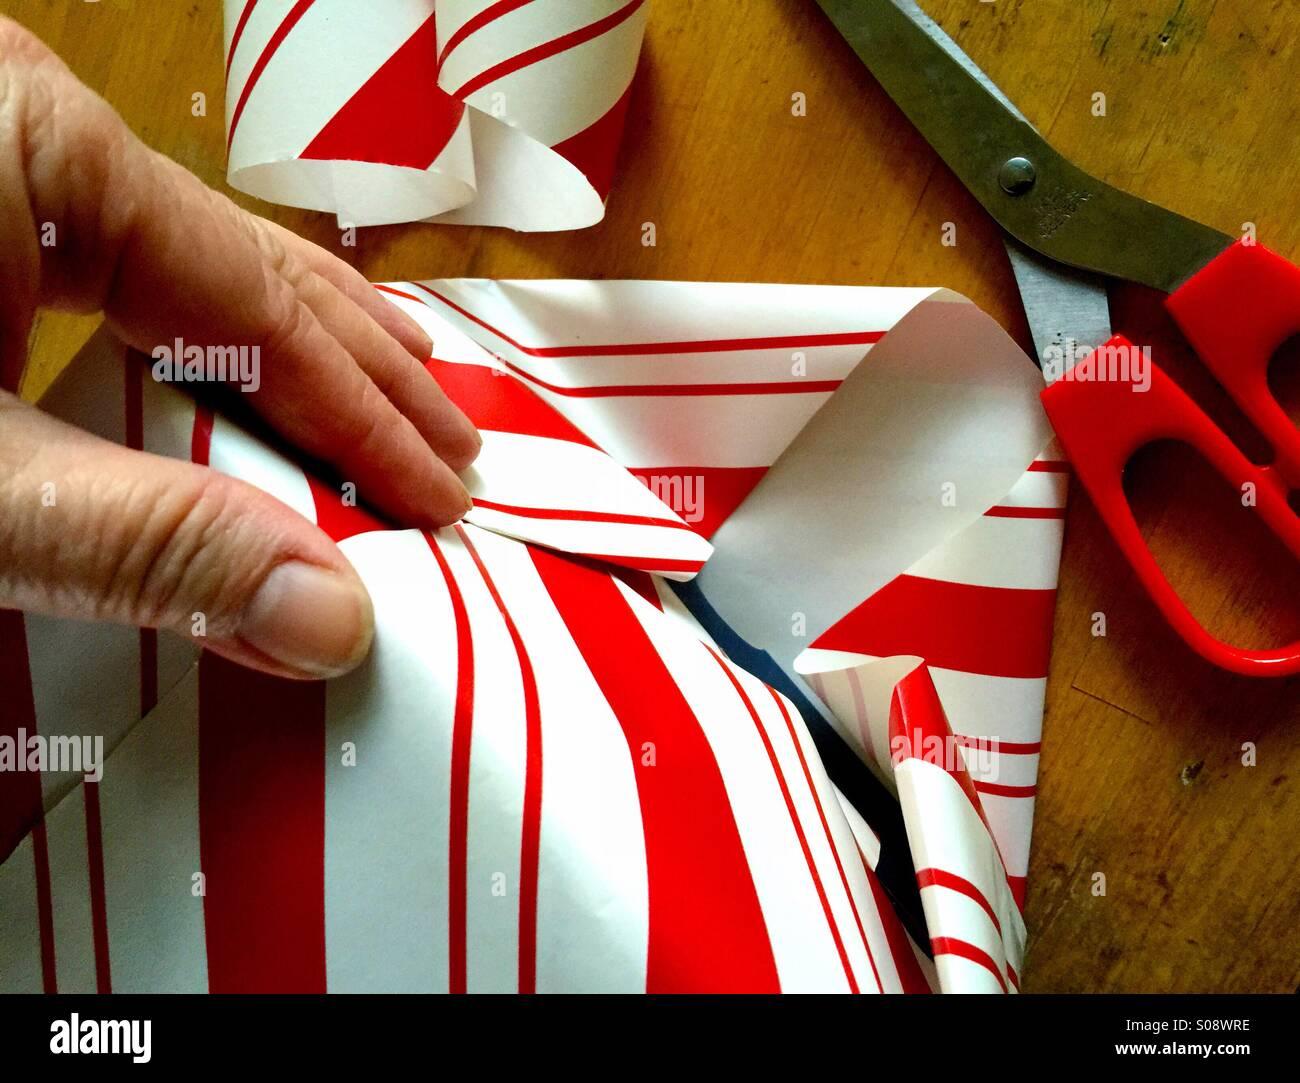 Regalo de Navidad de encintado Imagen De Stock